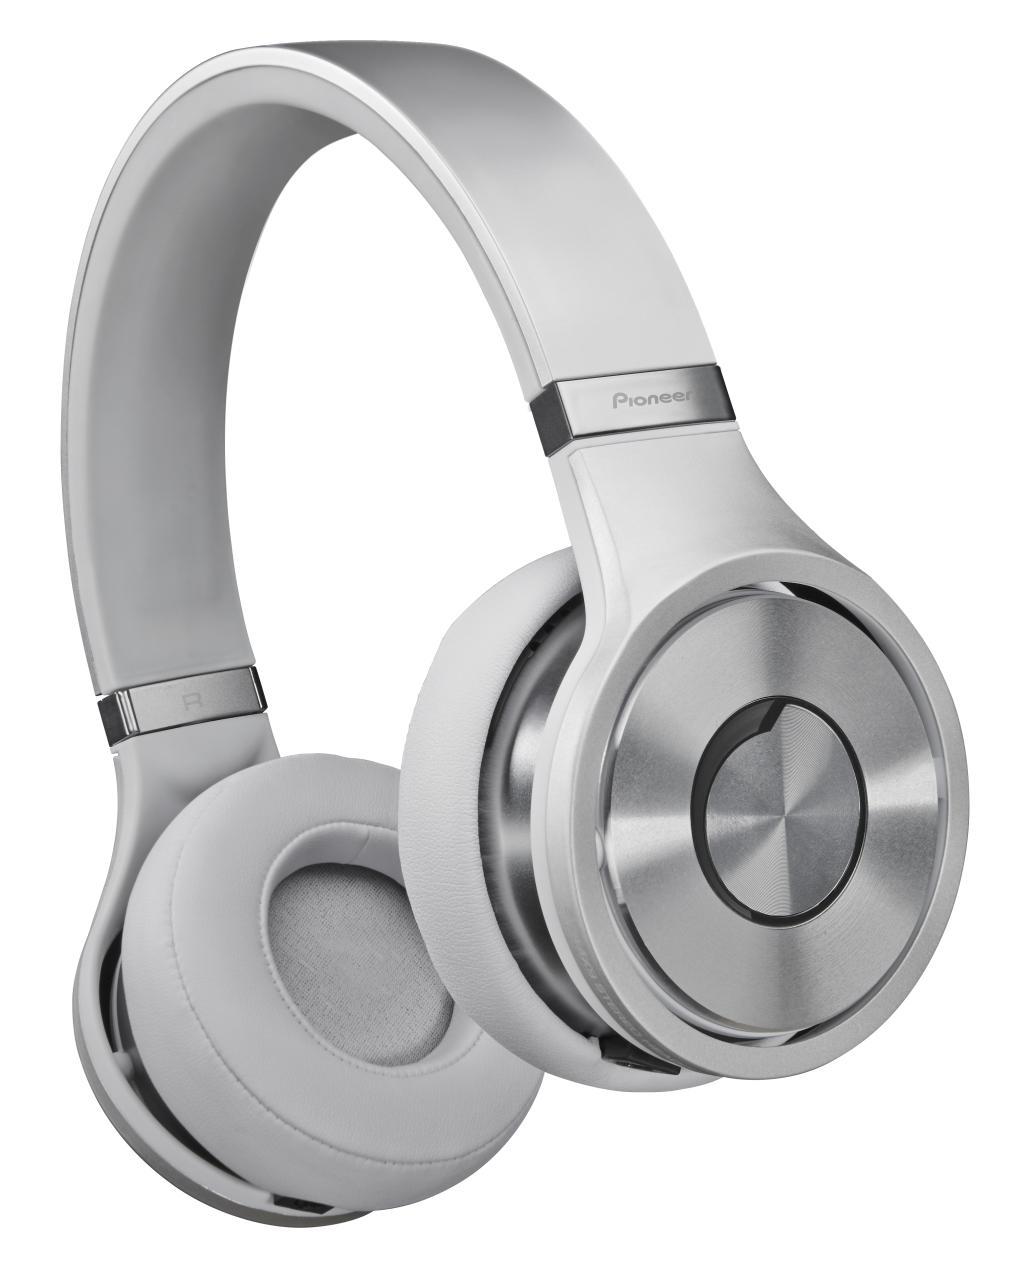 Powieksz do pelnego rozmiaru pioner pionier pioneer SE-MX 9, SEMX 9, SE MX 9 SE-MX9, SEMX9, SE MX9 SE-MX-9, SEMX-9, SE MX-9 słuchawki iphone słuchawki ipod słuchawki ipad słuchawki ios, słuchawki apple, słuchawki do iphone słuchawki do ipod słuchawki do ipad słuchawki do ios, słuchawki do apple, słuchawki smartfon słuchawki android słuchawki samsung słuchawki lg, słuchawki sony, słuchawki do smartfon słuchawki do android słuchawki do samsung słuchawki do lg, słuchawki do sony, słuchawki ze sterowaniem słuchawki z mikrofonem, słuchawki do telefonu, słuchawki telefoniczne, słuchawki multimedialne, słuchawki nauszne, słuchawki z pałąkiem, słuchawki hifi, słuchawki przenośne, słuchawki zamknięte